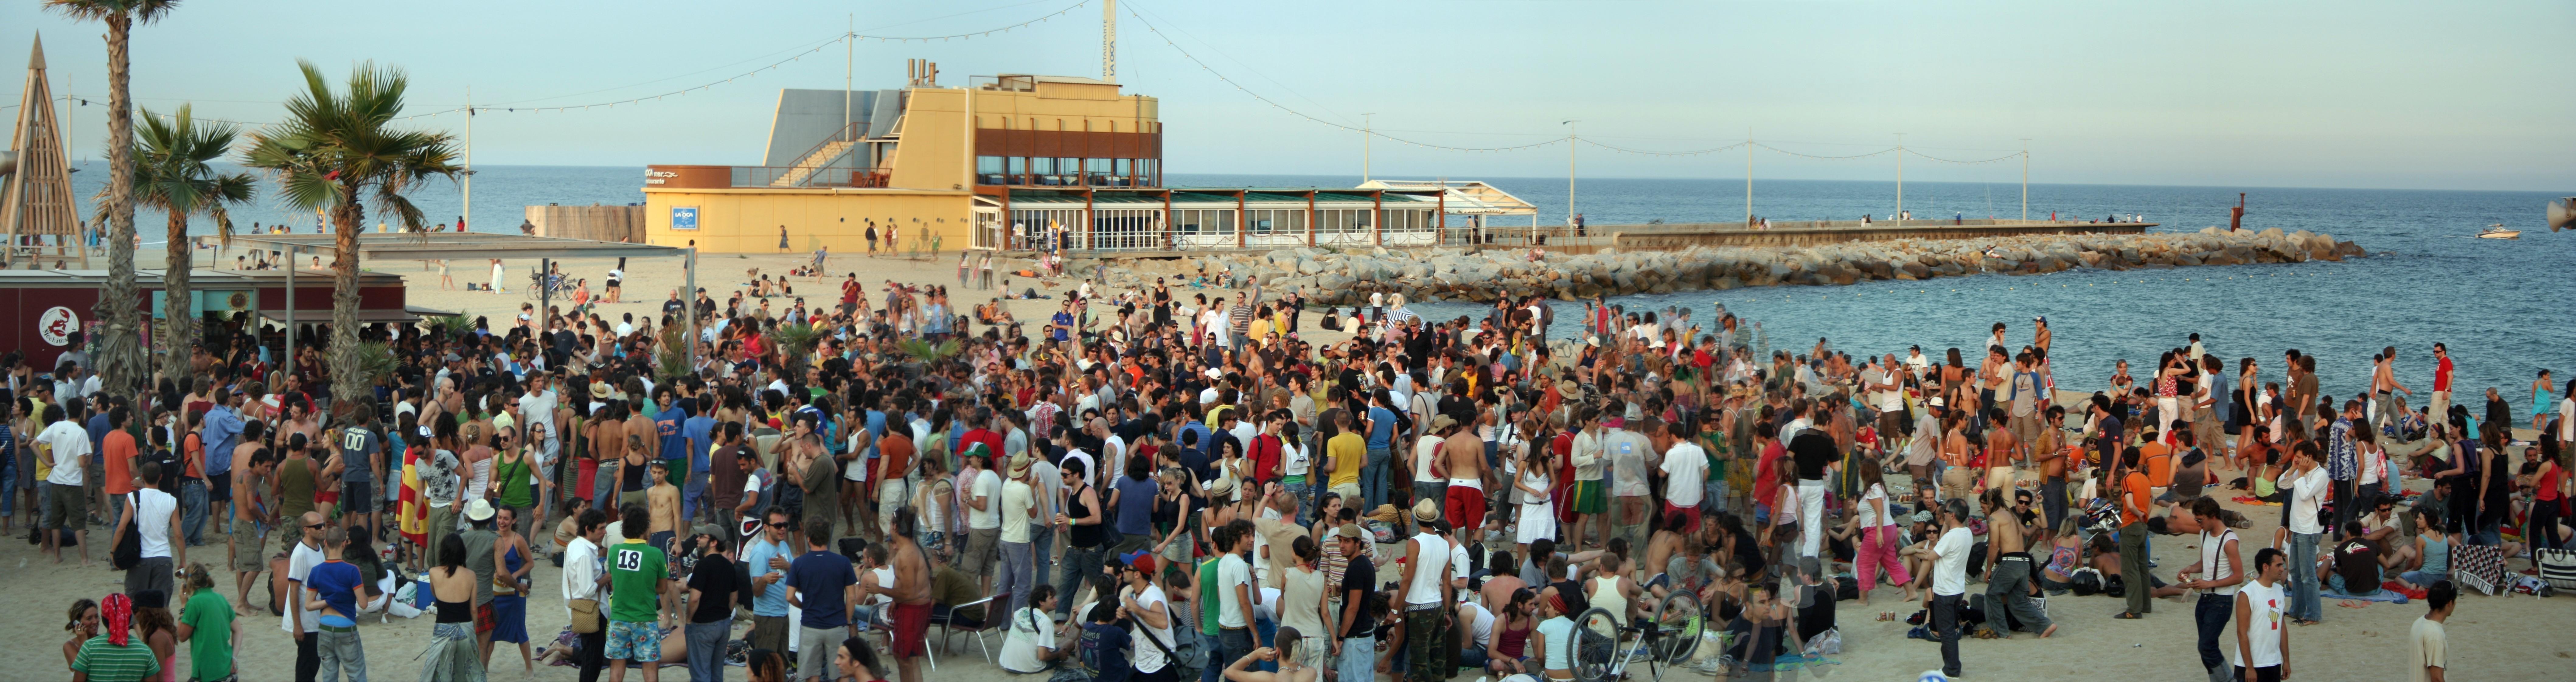 File:Barcelona Playa De La Mar Vella JMM.jpg - Wikimedia Commons